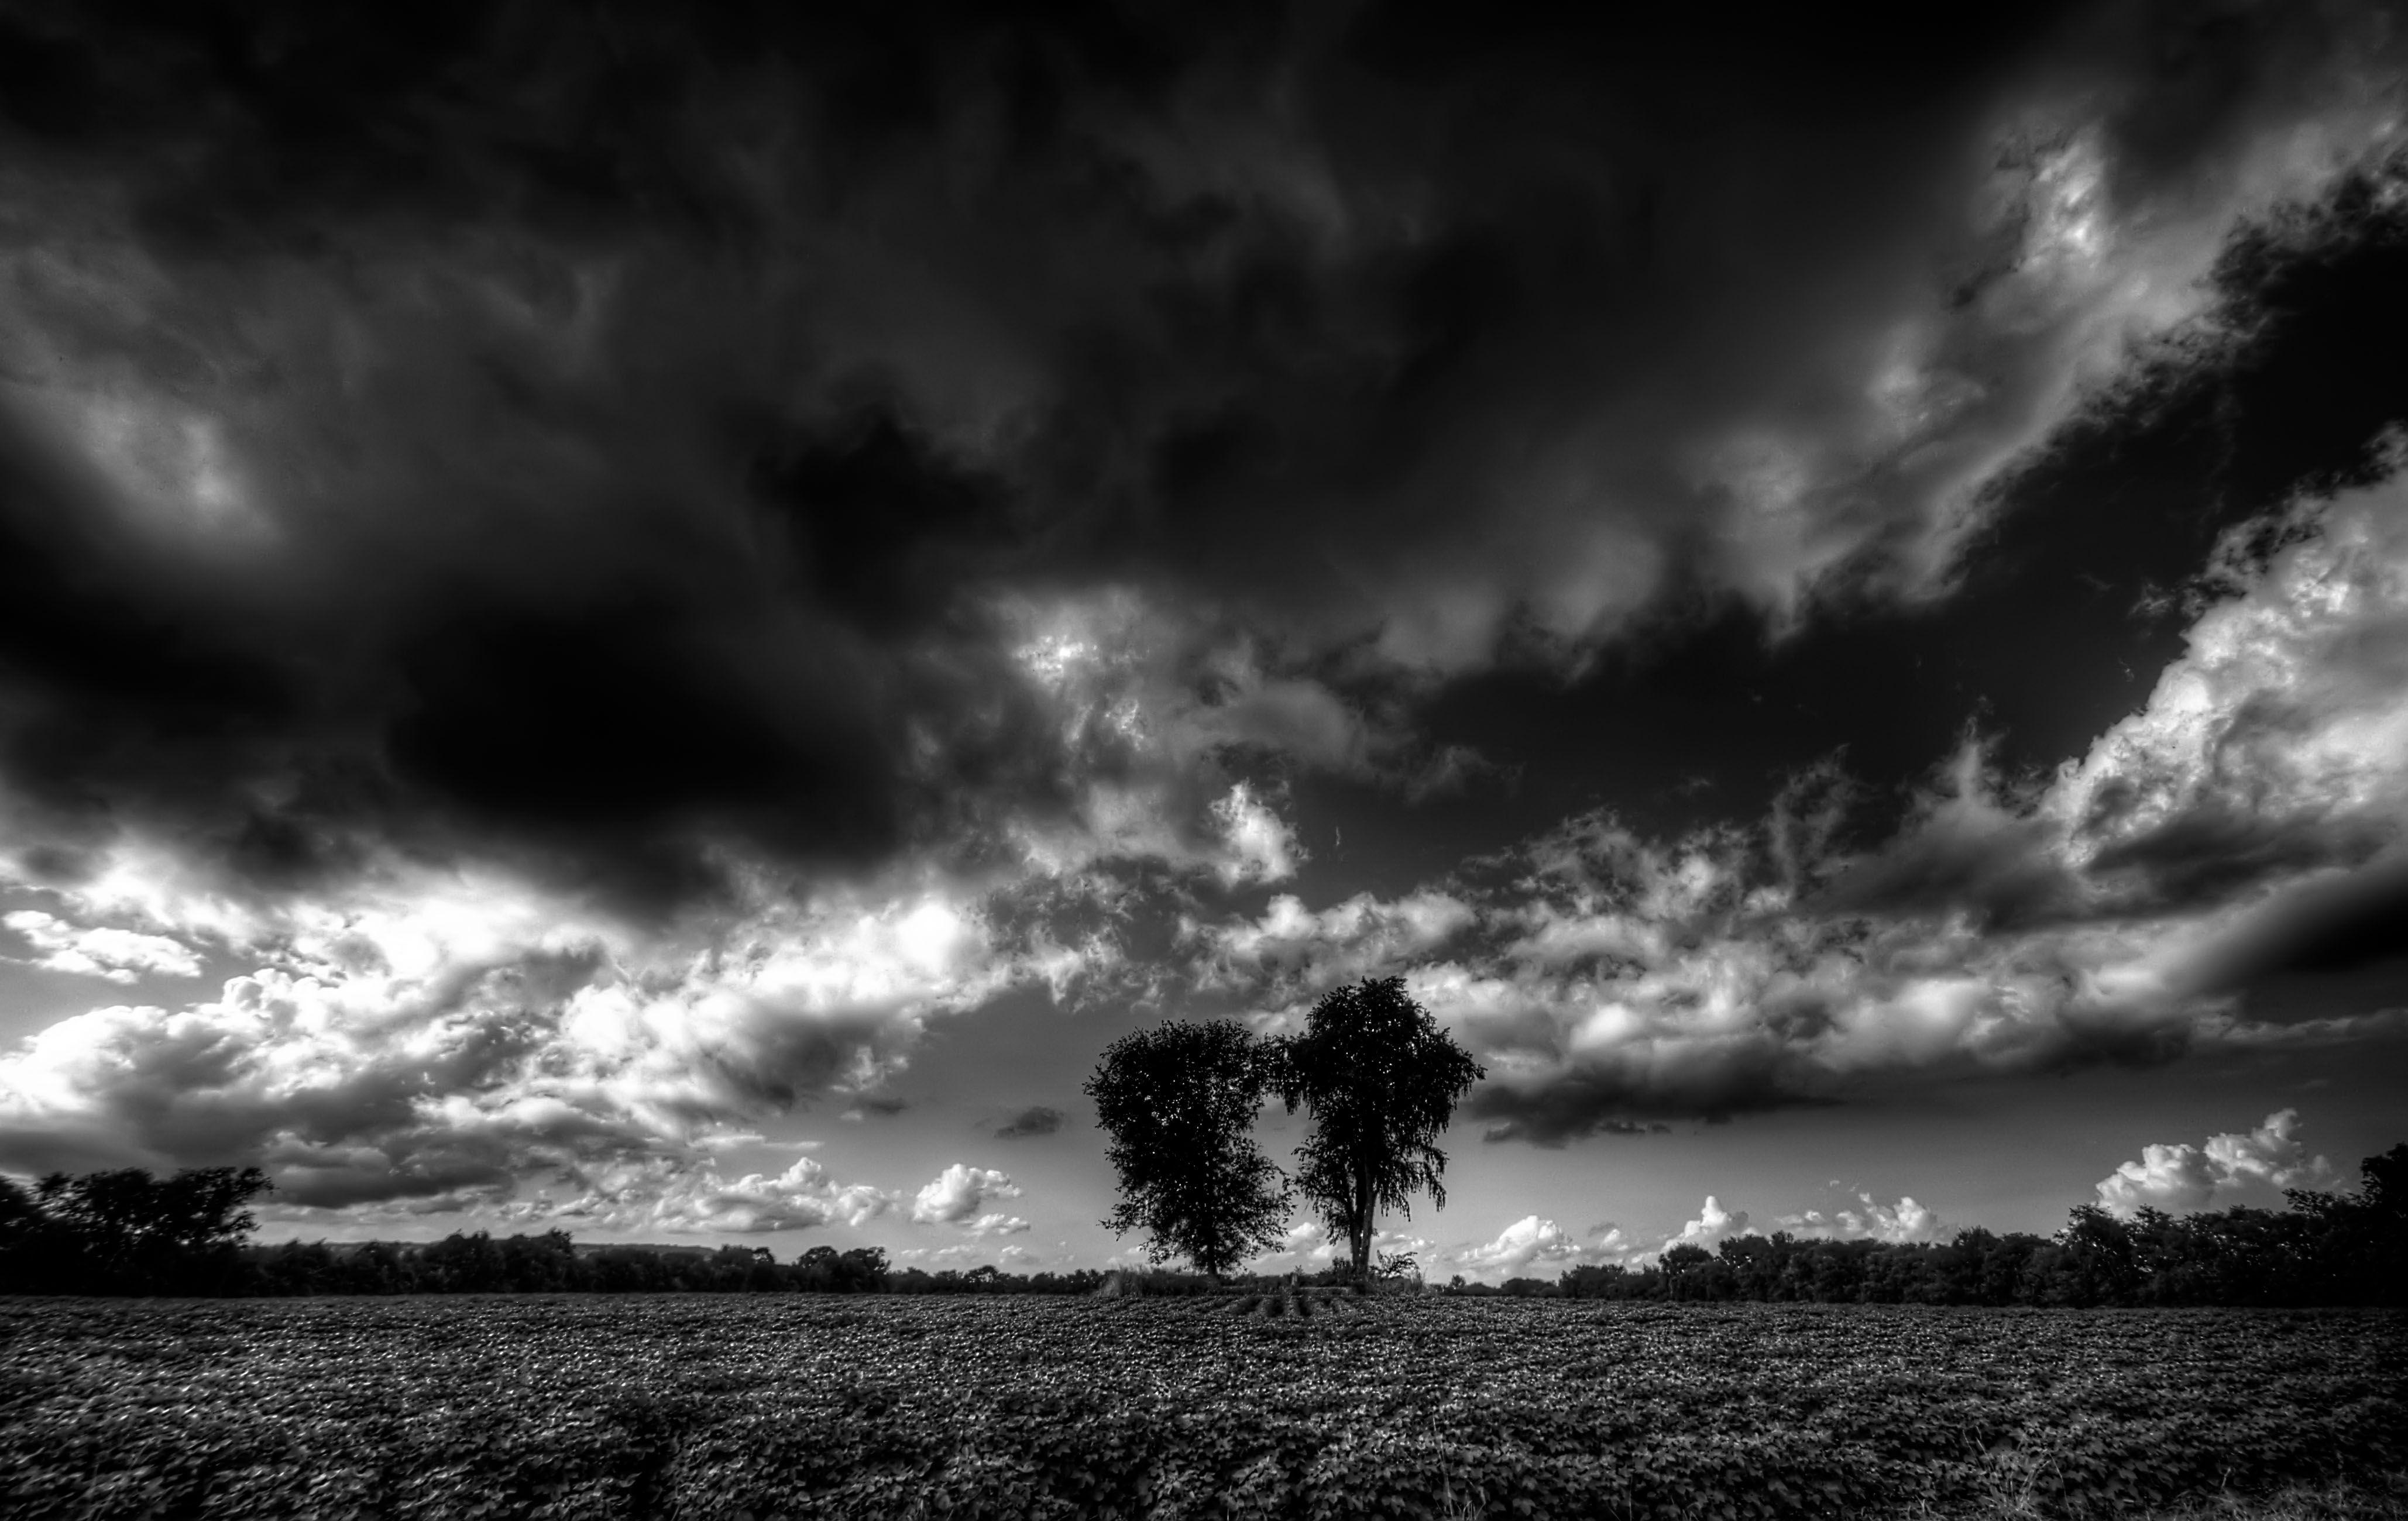 Dark Stormy Night Sky | Our fantastic skies | Pinterest | Night skies